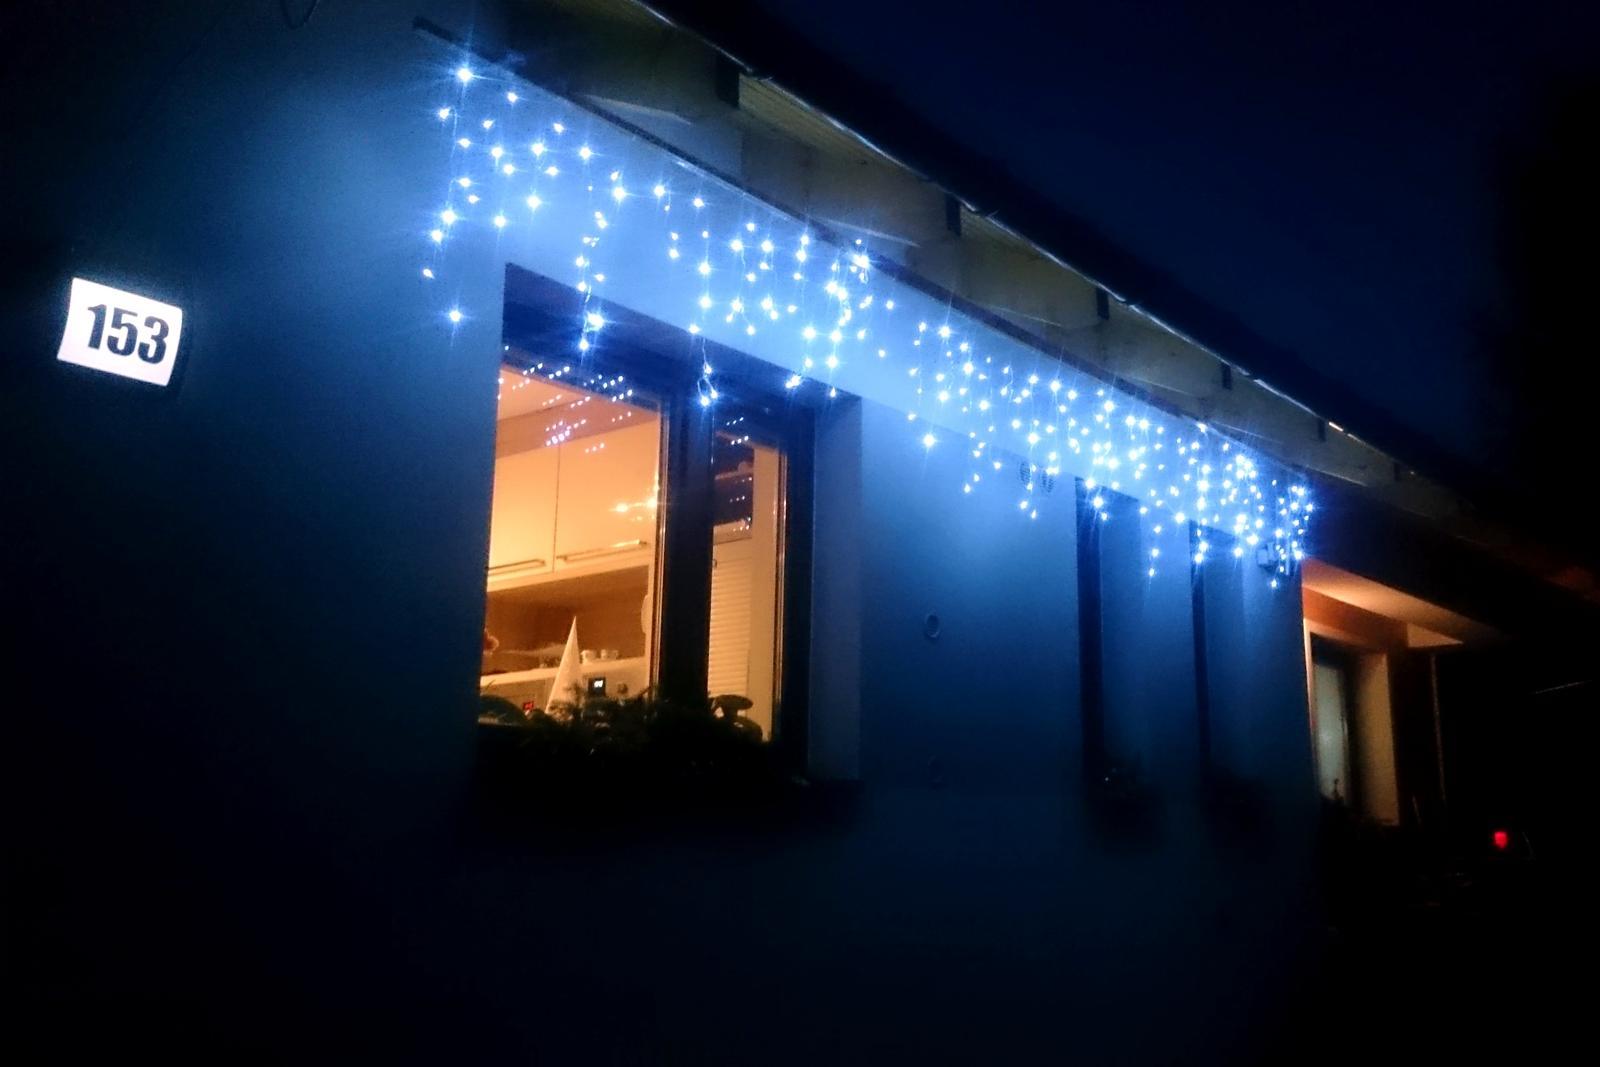 NÍZKOENERGETICKÝ a napriek tomu je v ňom VEĽA pozitívnej ENERGIE - PREDNÝ: Nočný pohľad od ulice (od východu)...